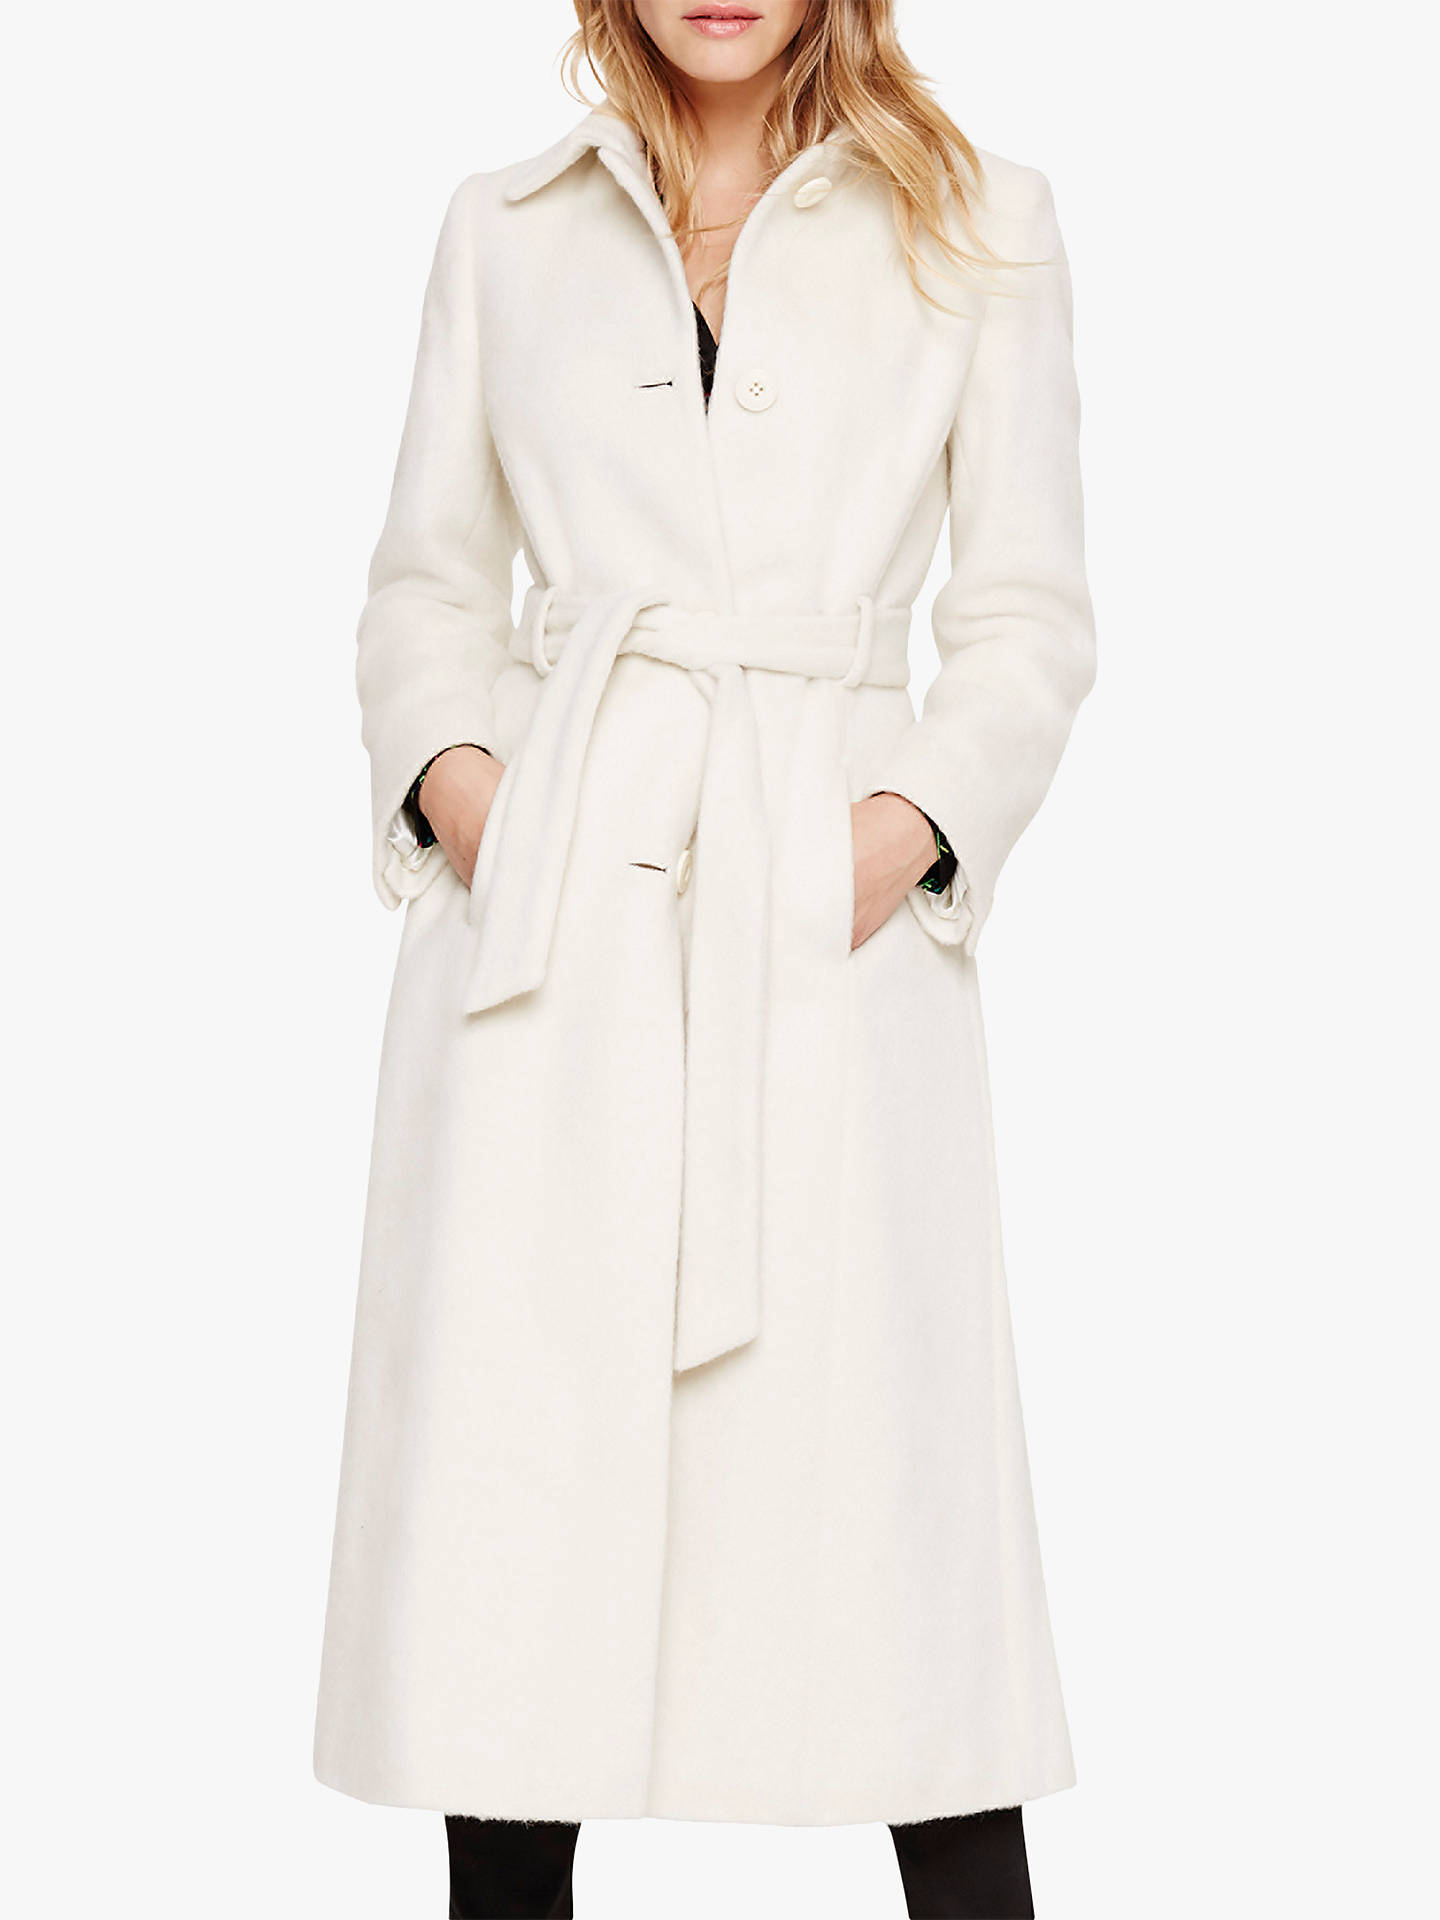 868b0d48e9 Buy Damsel in a Dress Leora Belted Coat